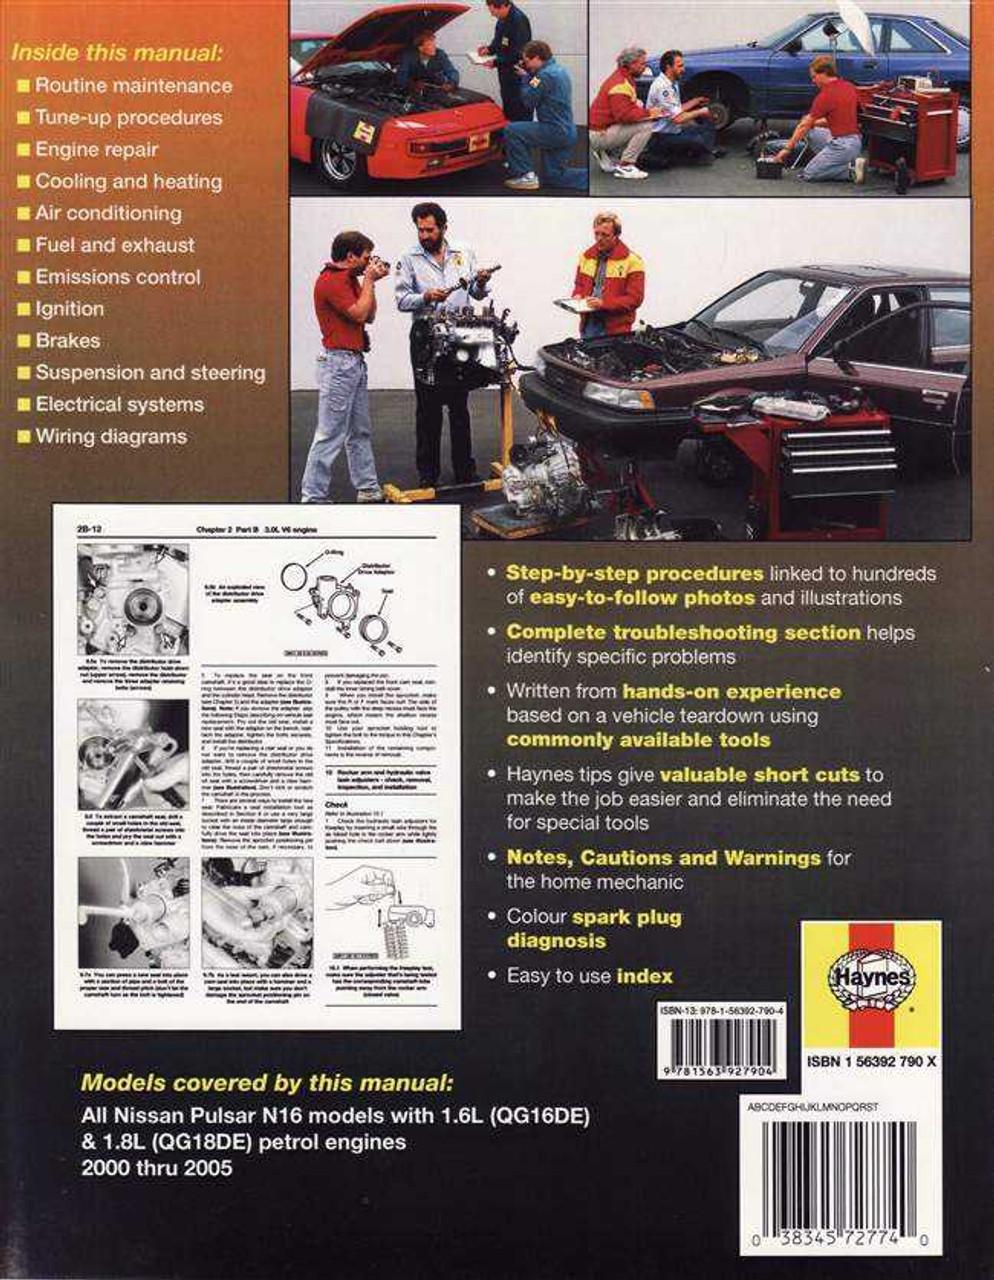 Nissan Pulsar N16 Series 1 6L, 1 8L Petrol 2000 - 2005 Workshop Manual